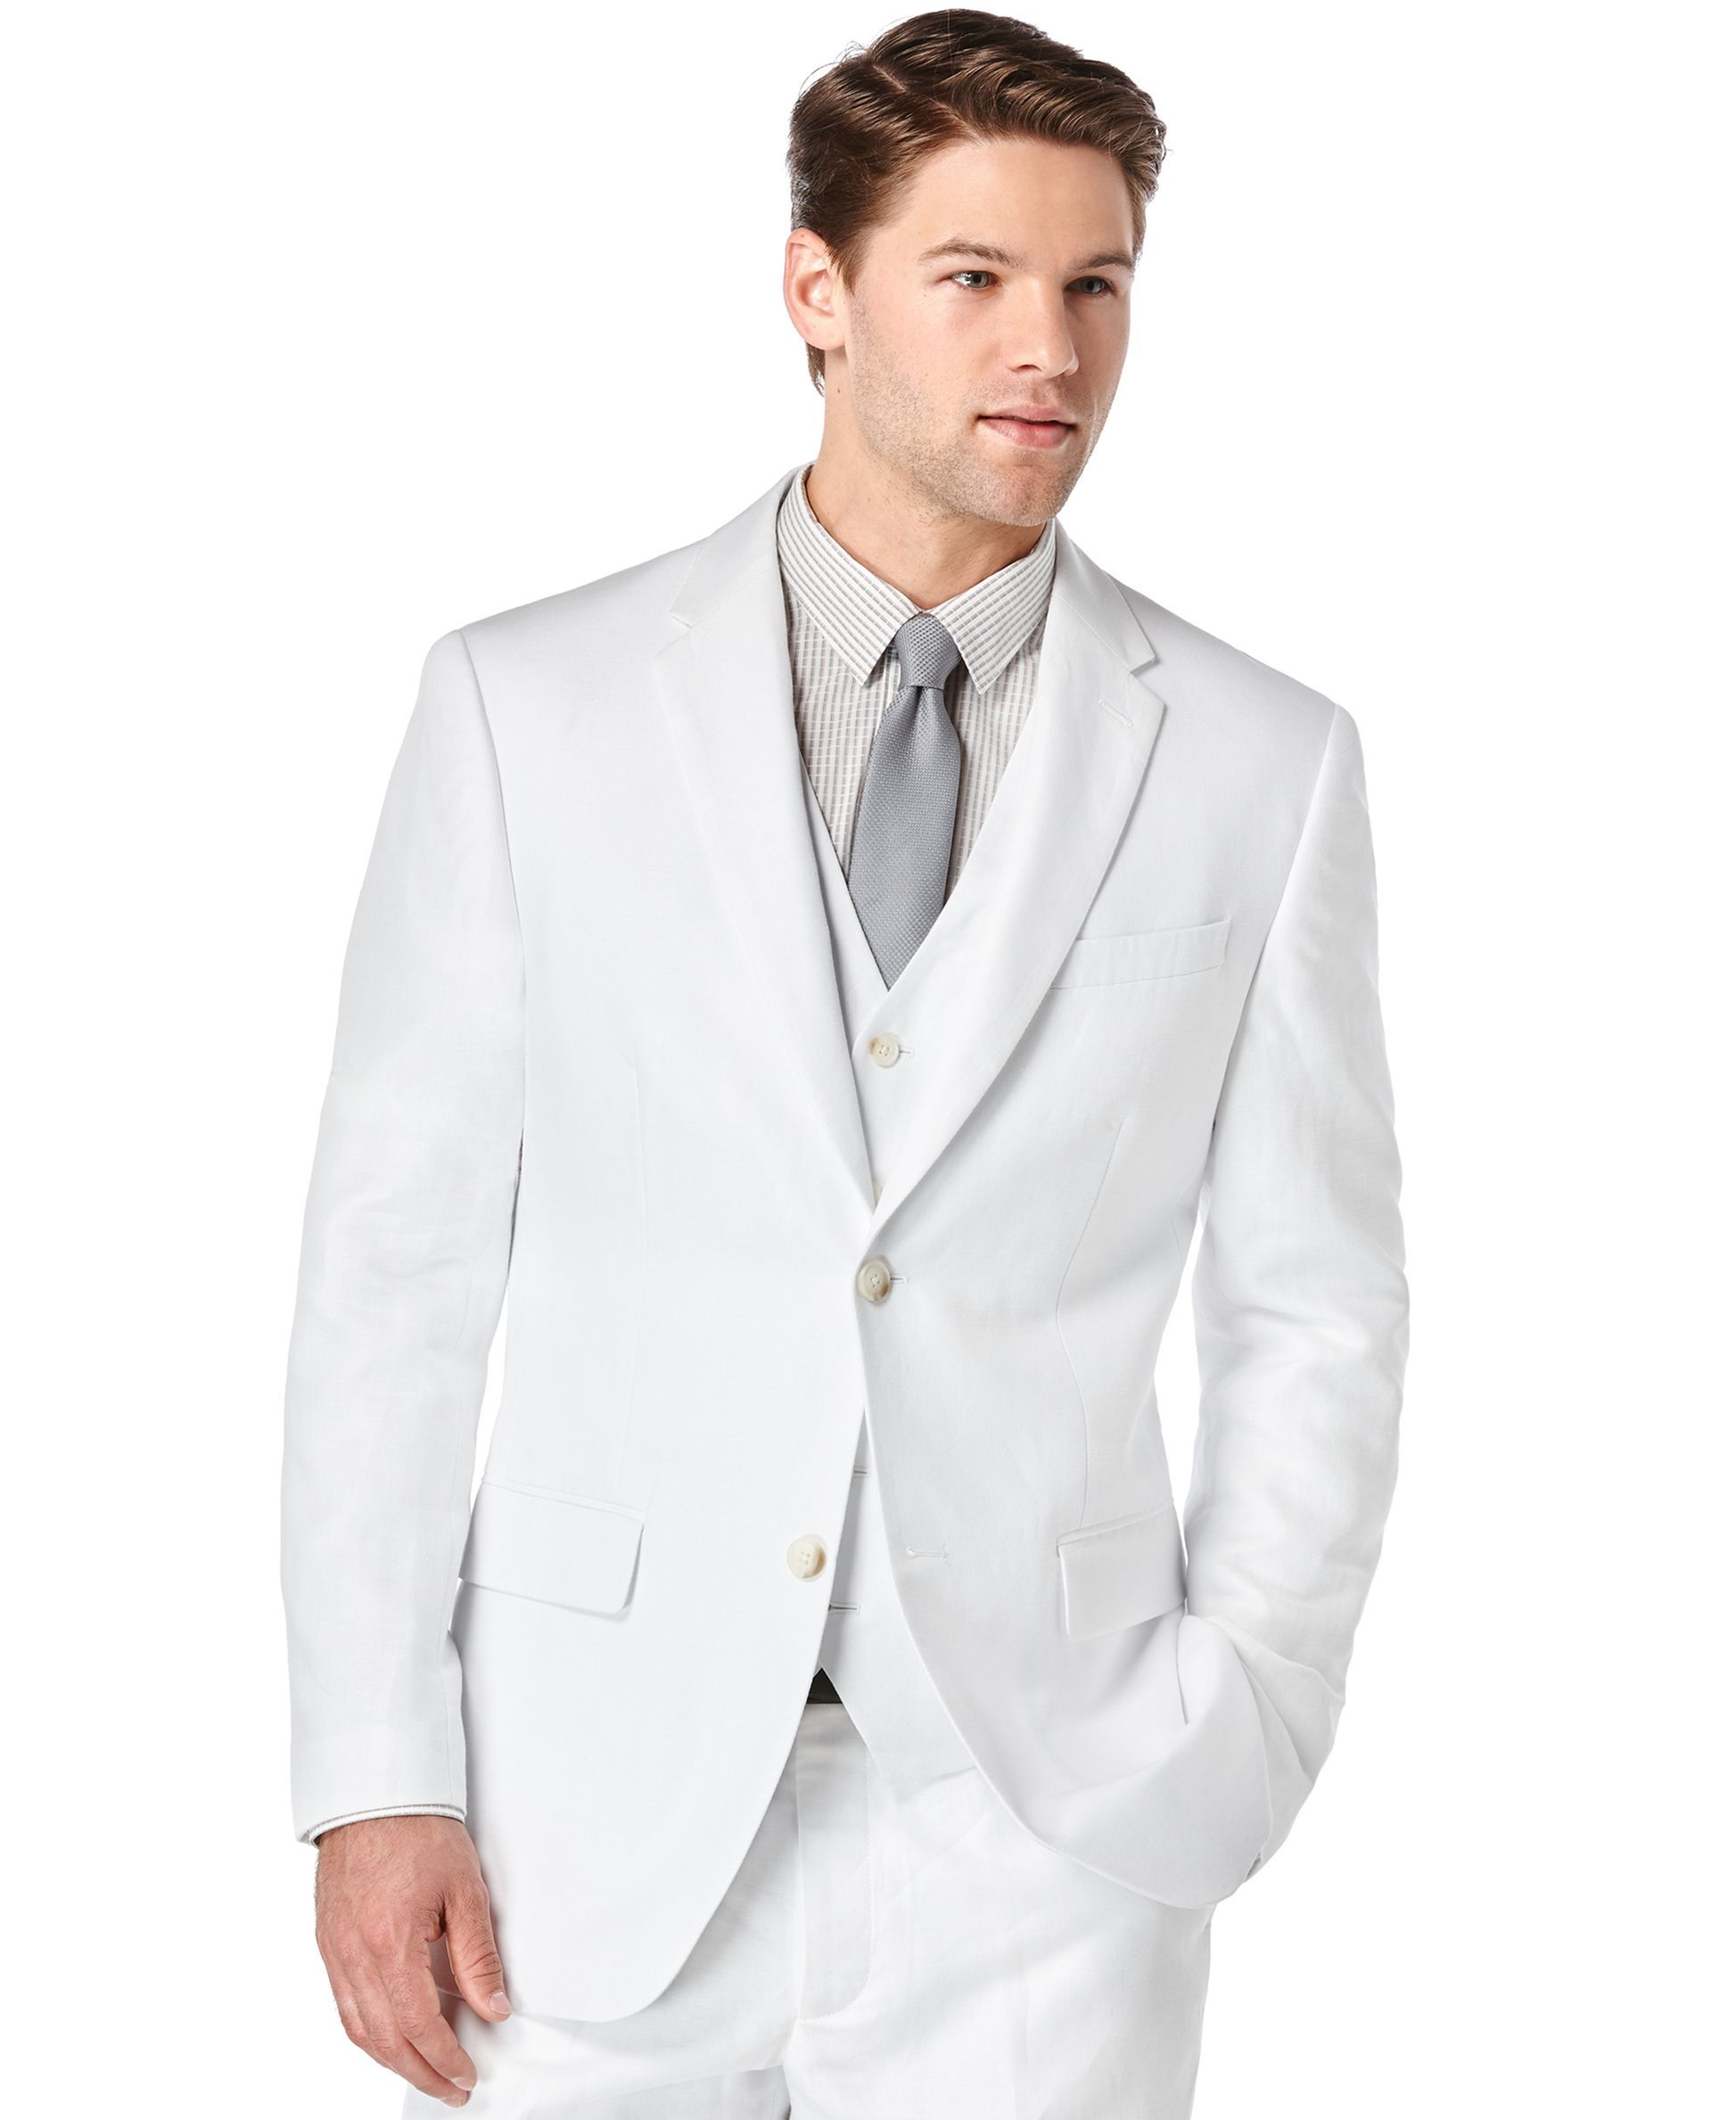 Men S Linen Suit Jacket Linen Suits For Men Linen Suit White